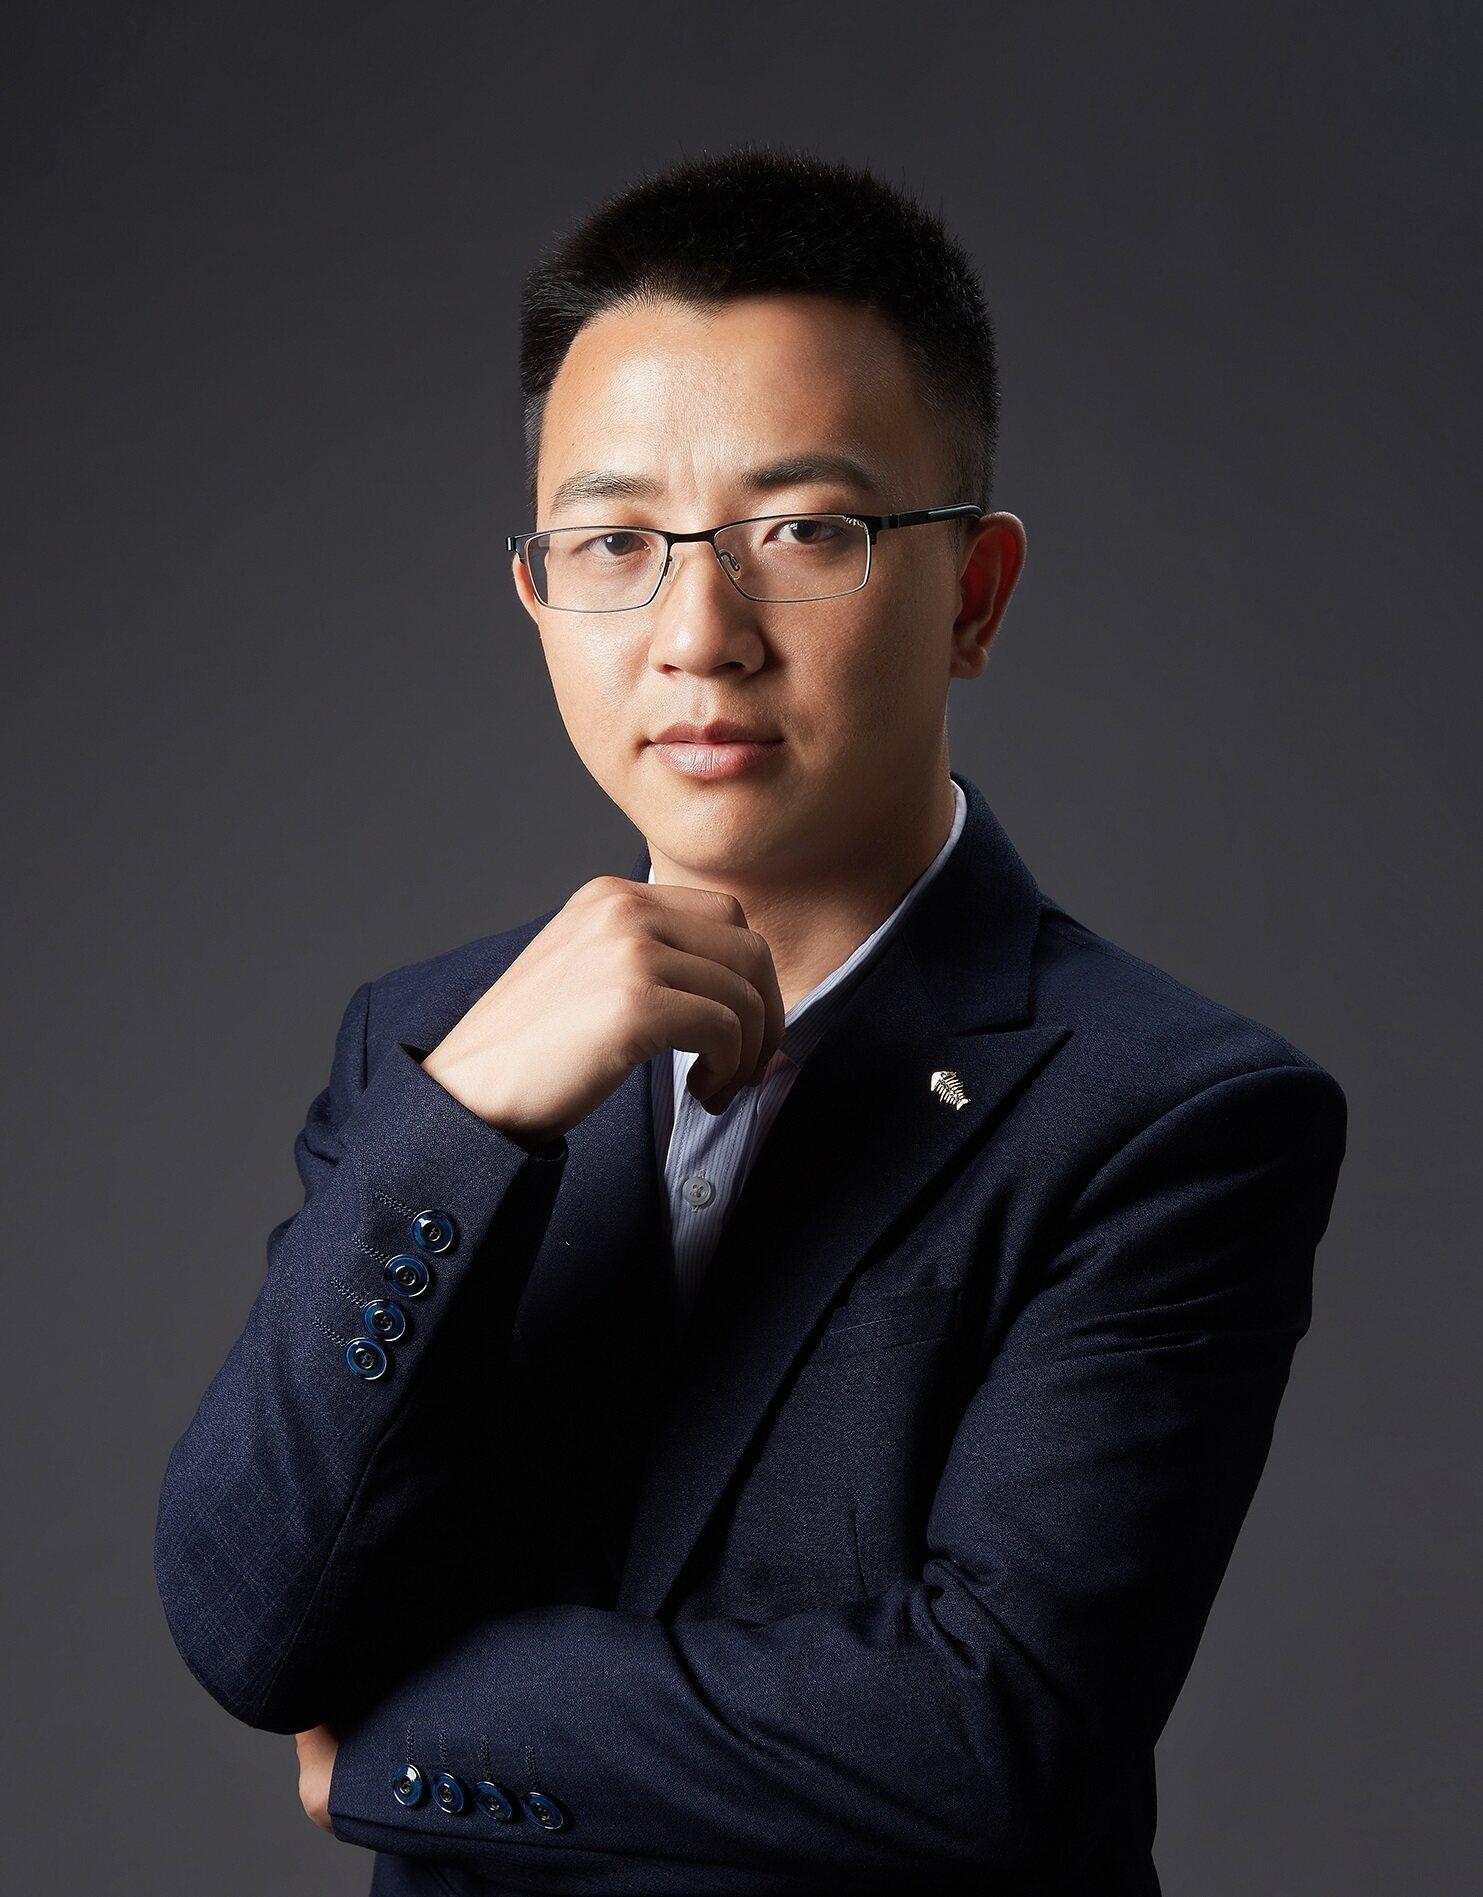 勤修内功 着眼未来|中国智能锁网专访艾创米智能锁CEO陈江龙